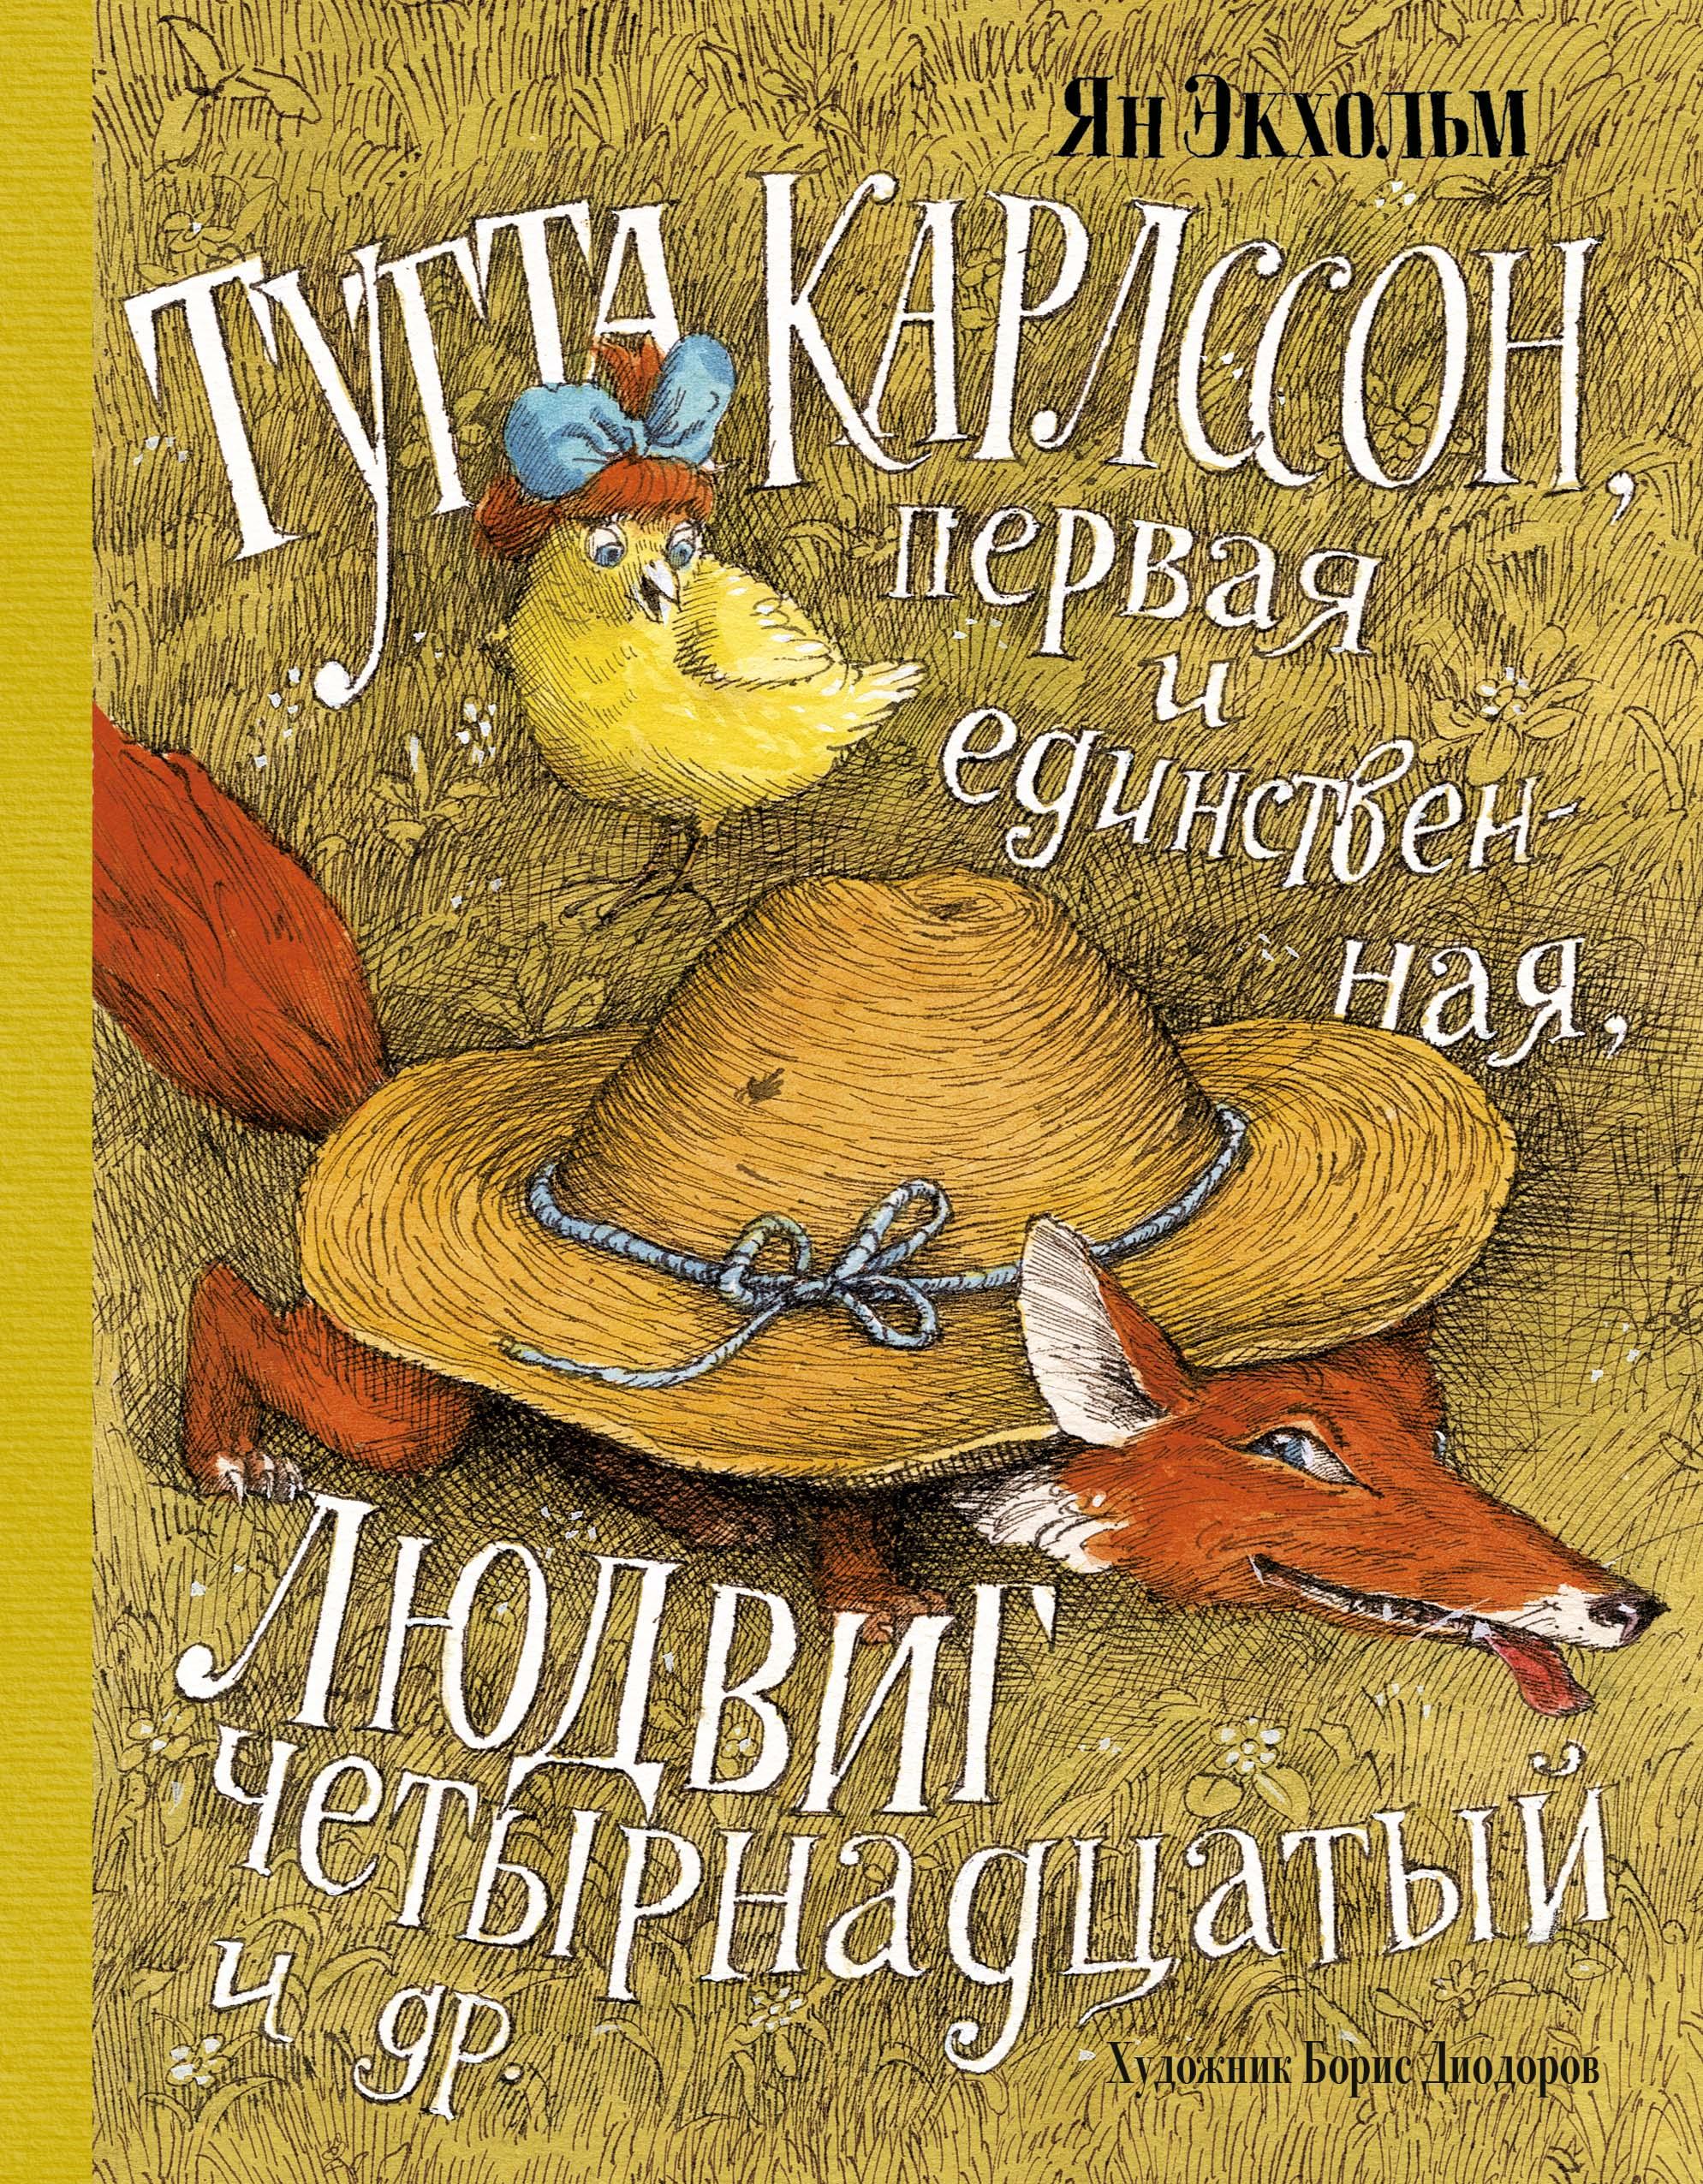 Тутта Карлссон, Первая и Единственная, Людвиг Четырнадцатый и др. (илл. Б. Диодорова)